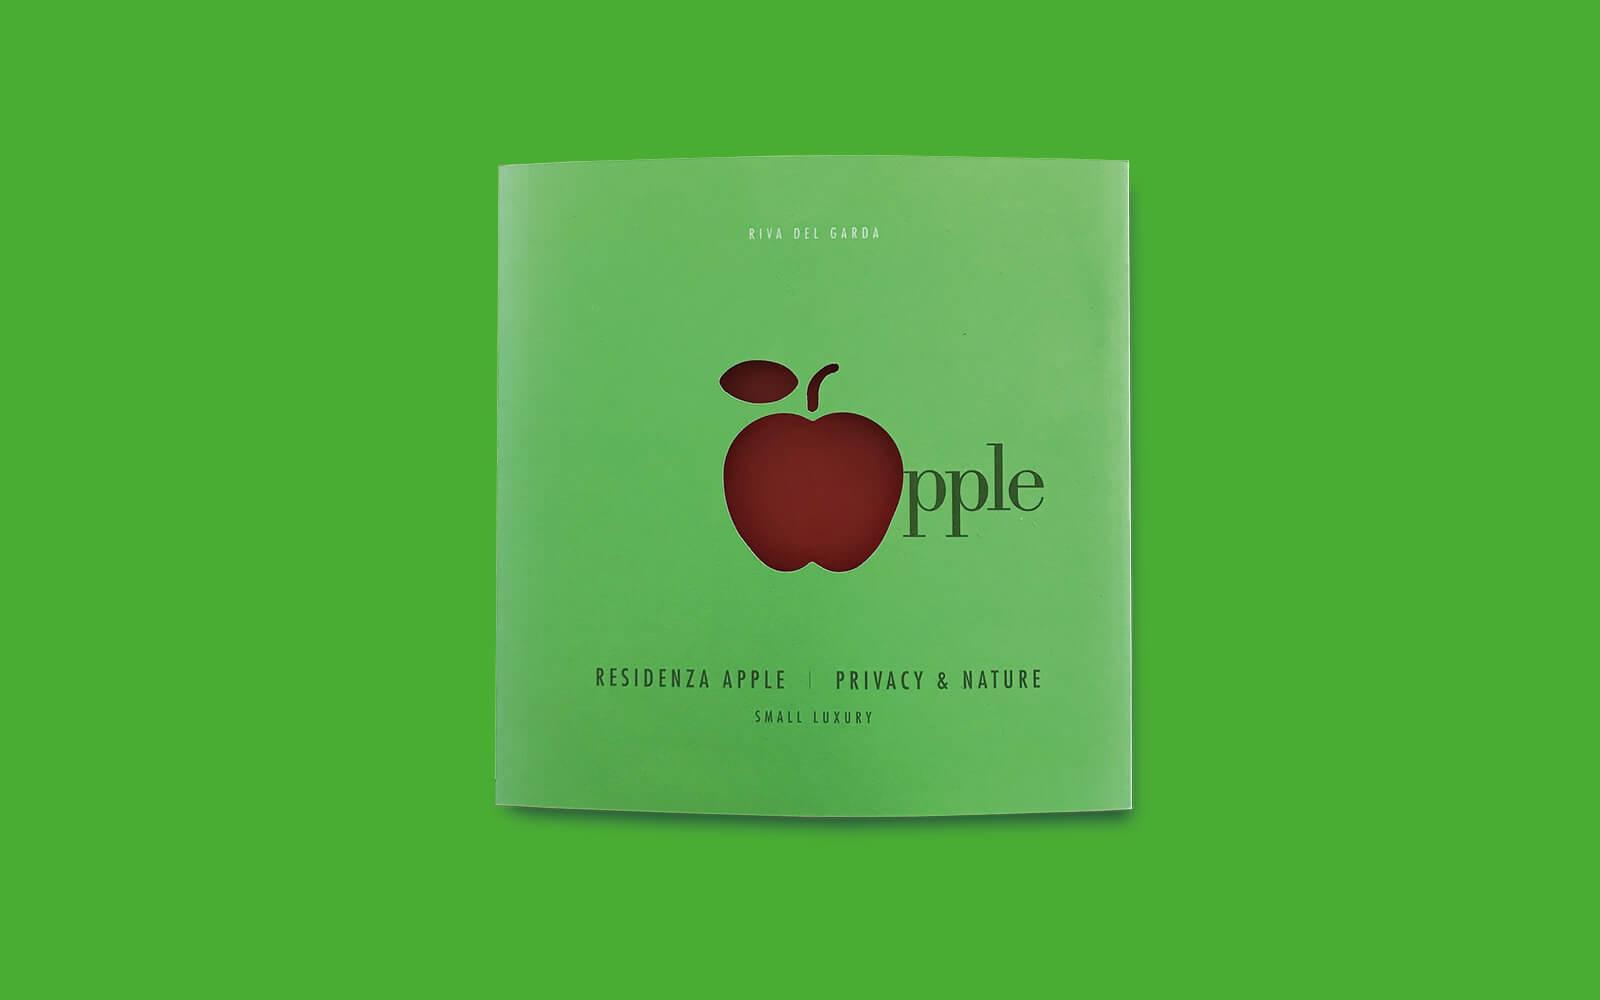 copertina verde fluorescente dell'elegante depliant promozionale vendite immobiliari Apple. Progetto grafico della agenzia di grafica Diade studio Arco di Trento